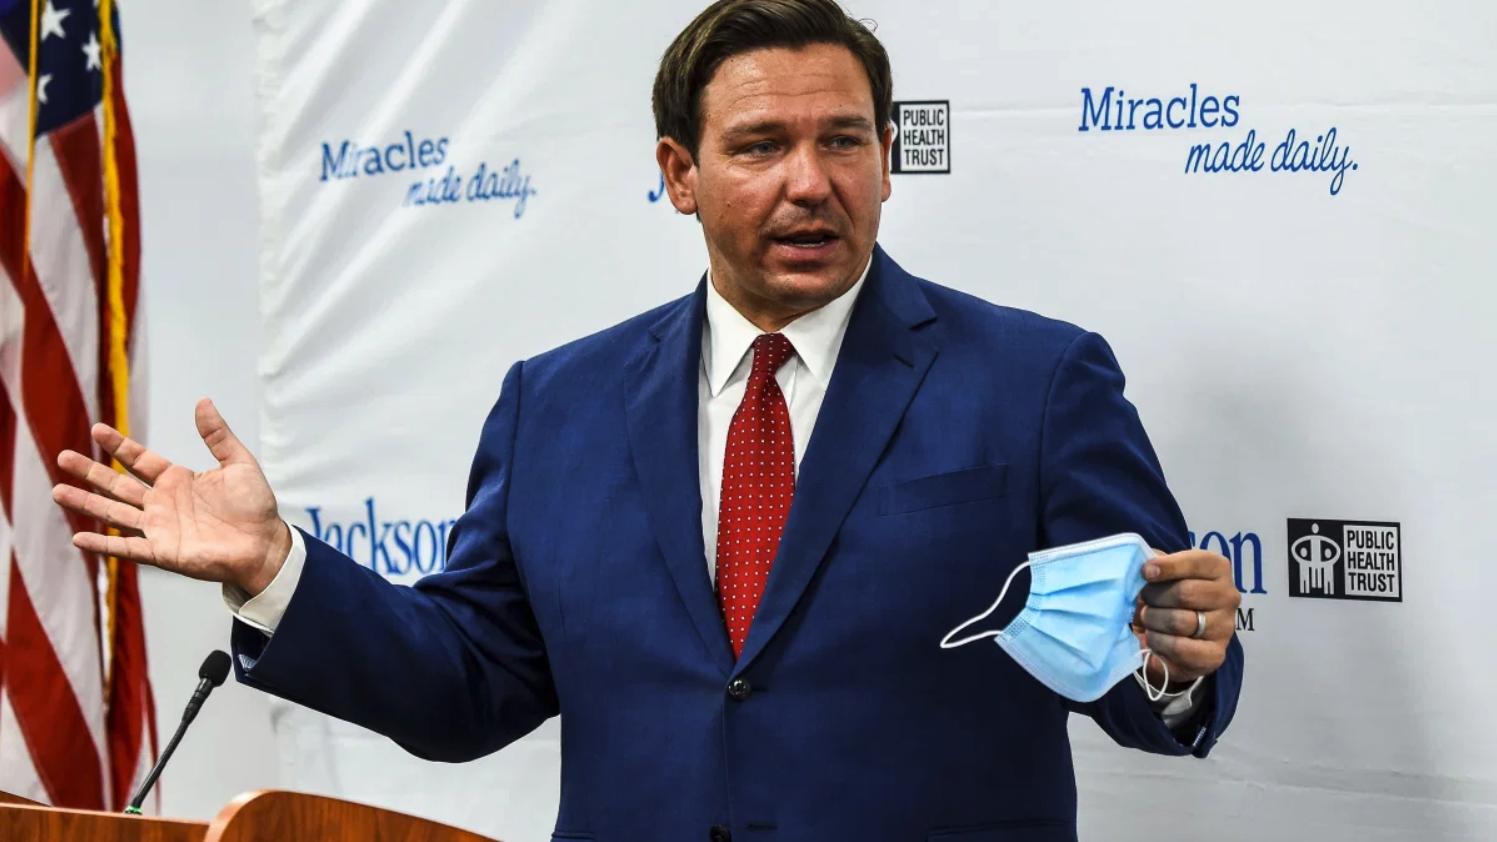 un juez fallo a favor del gobernador desantis en relacion al uso de mascaras en escuelas